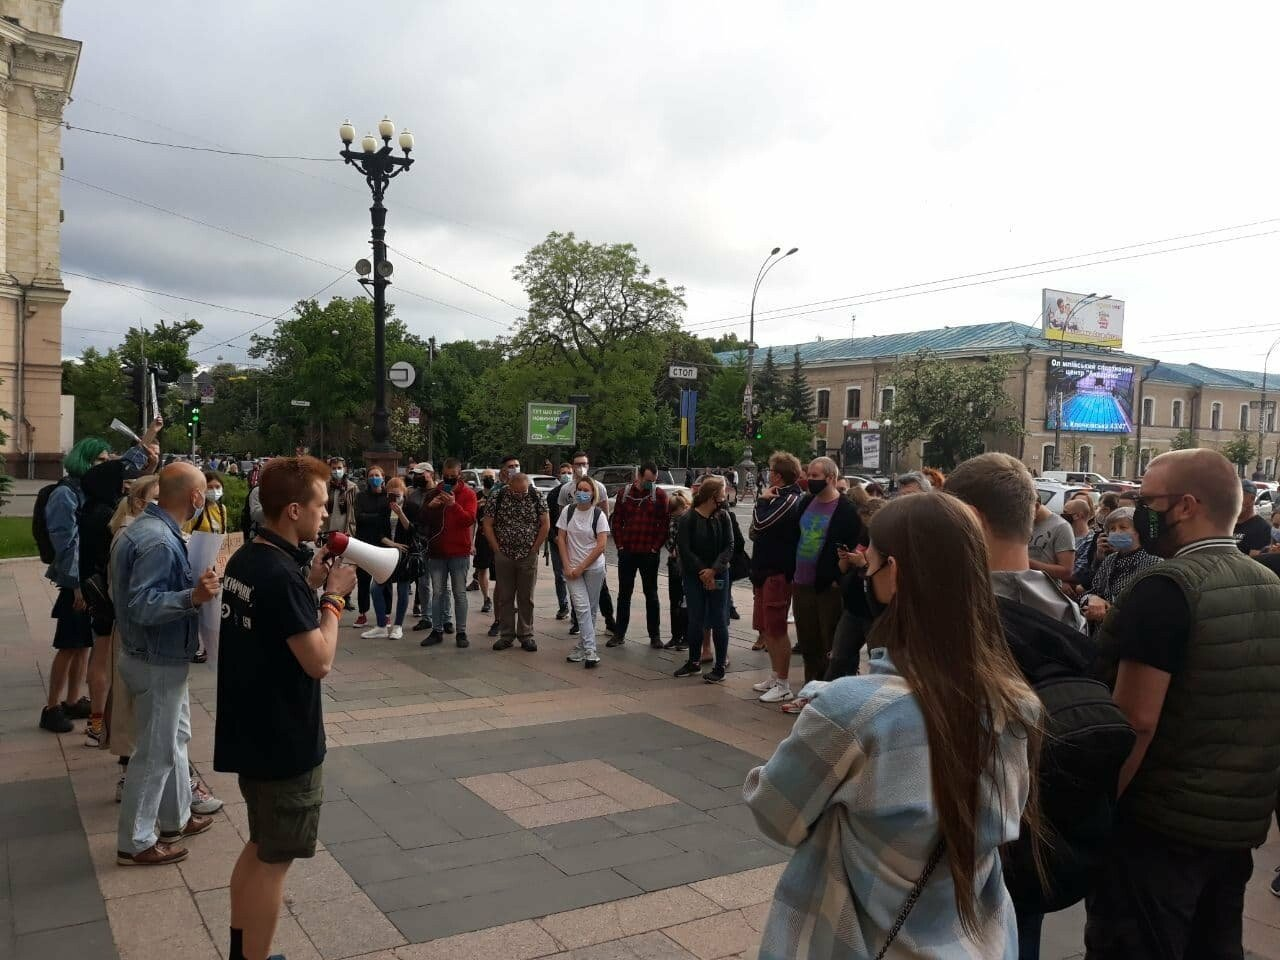 Скандалы, митинги и марши. ТОП-10 «горячих» событий весны 2021 года в Харькове и области, - ФОТО, ВИДЕО, фото-1